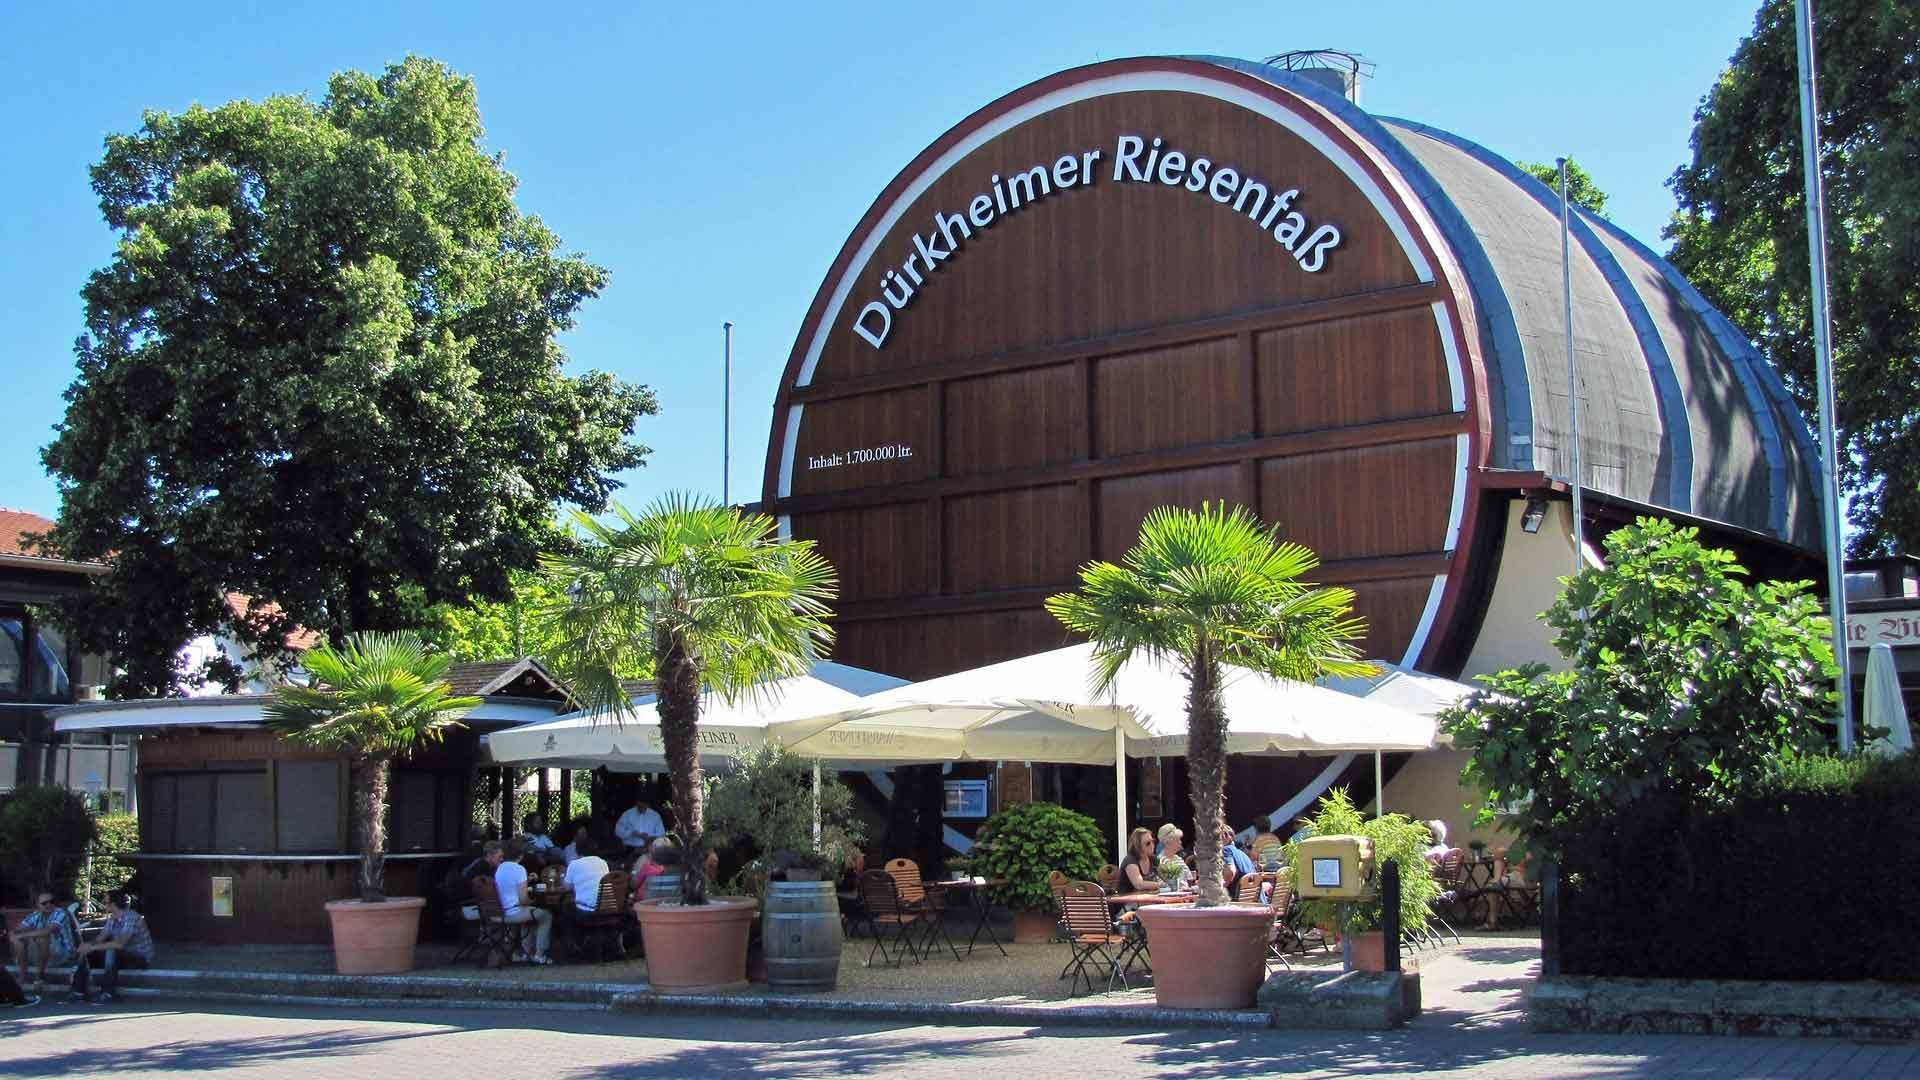 In het grootste wijnvat ter wereld in Bad Dürkheim is een restaurant gevestigd.